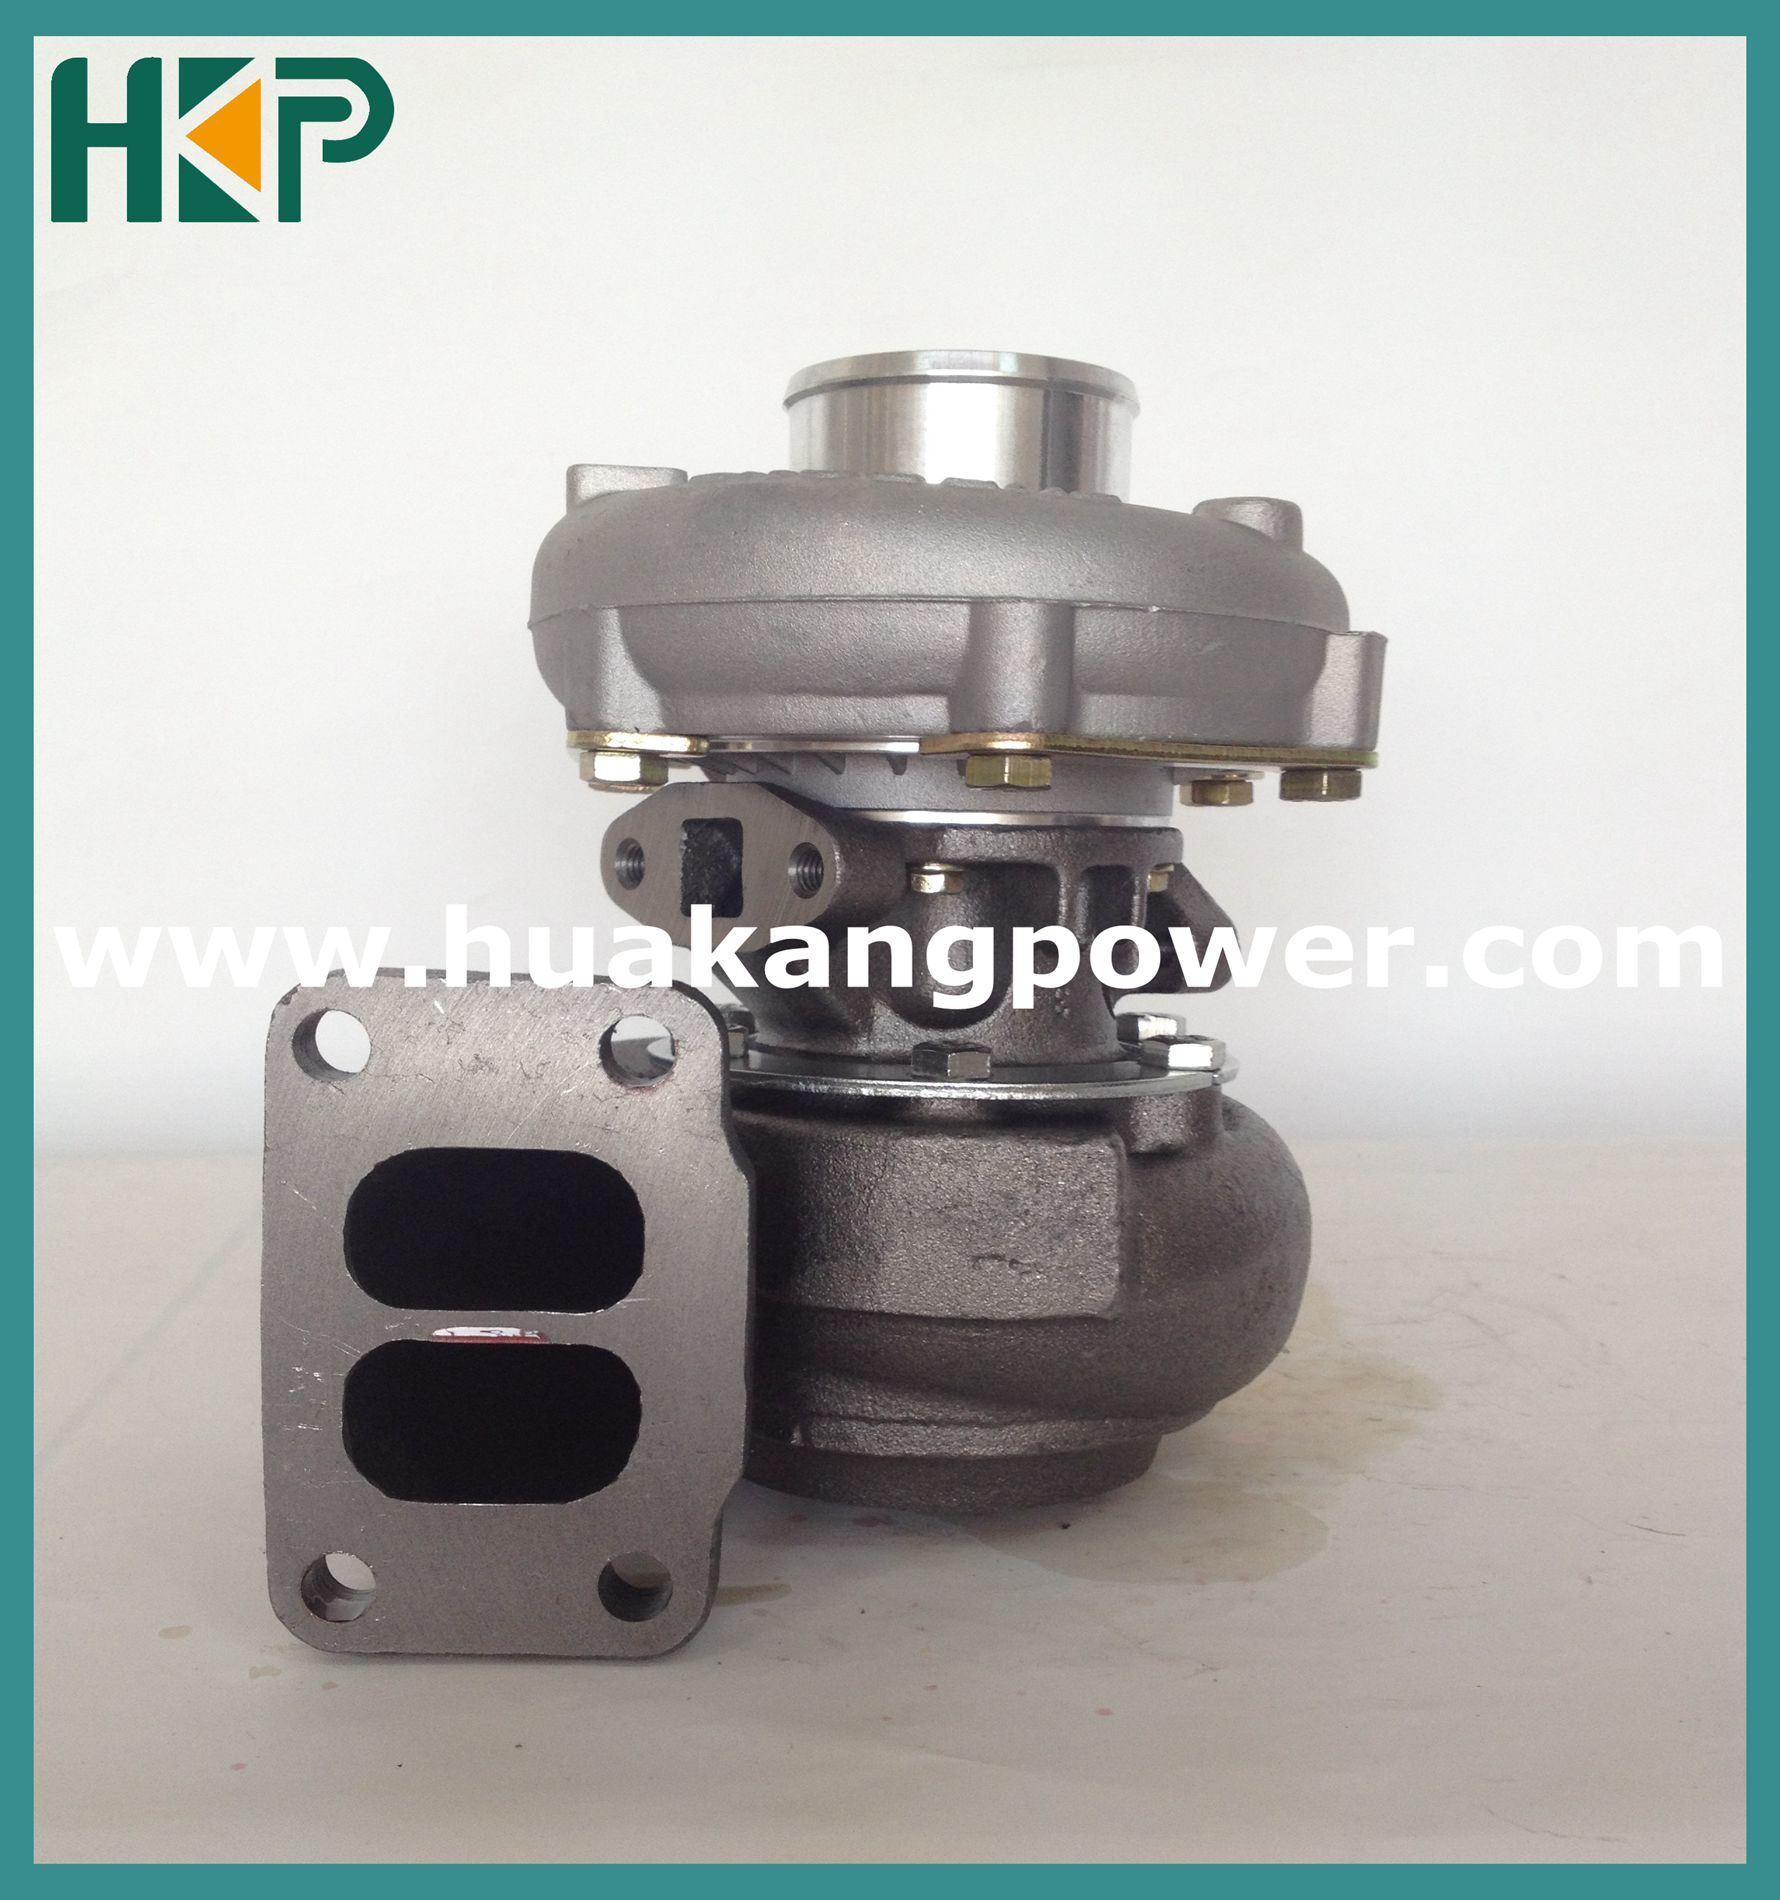 Turbo/Turbocharger for Ta3103 465636-0207 OEM6207818130 Turbo/Turbocharger